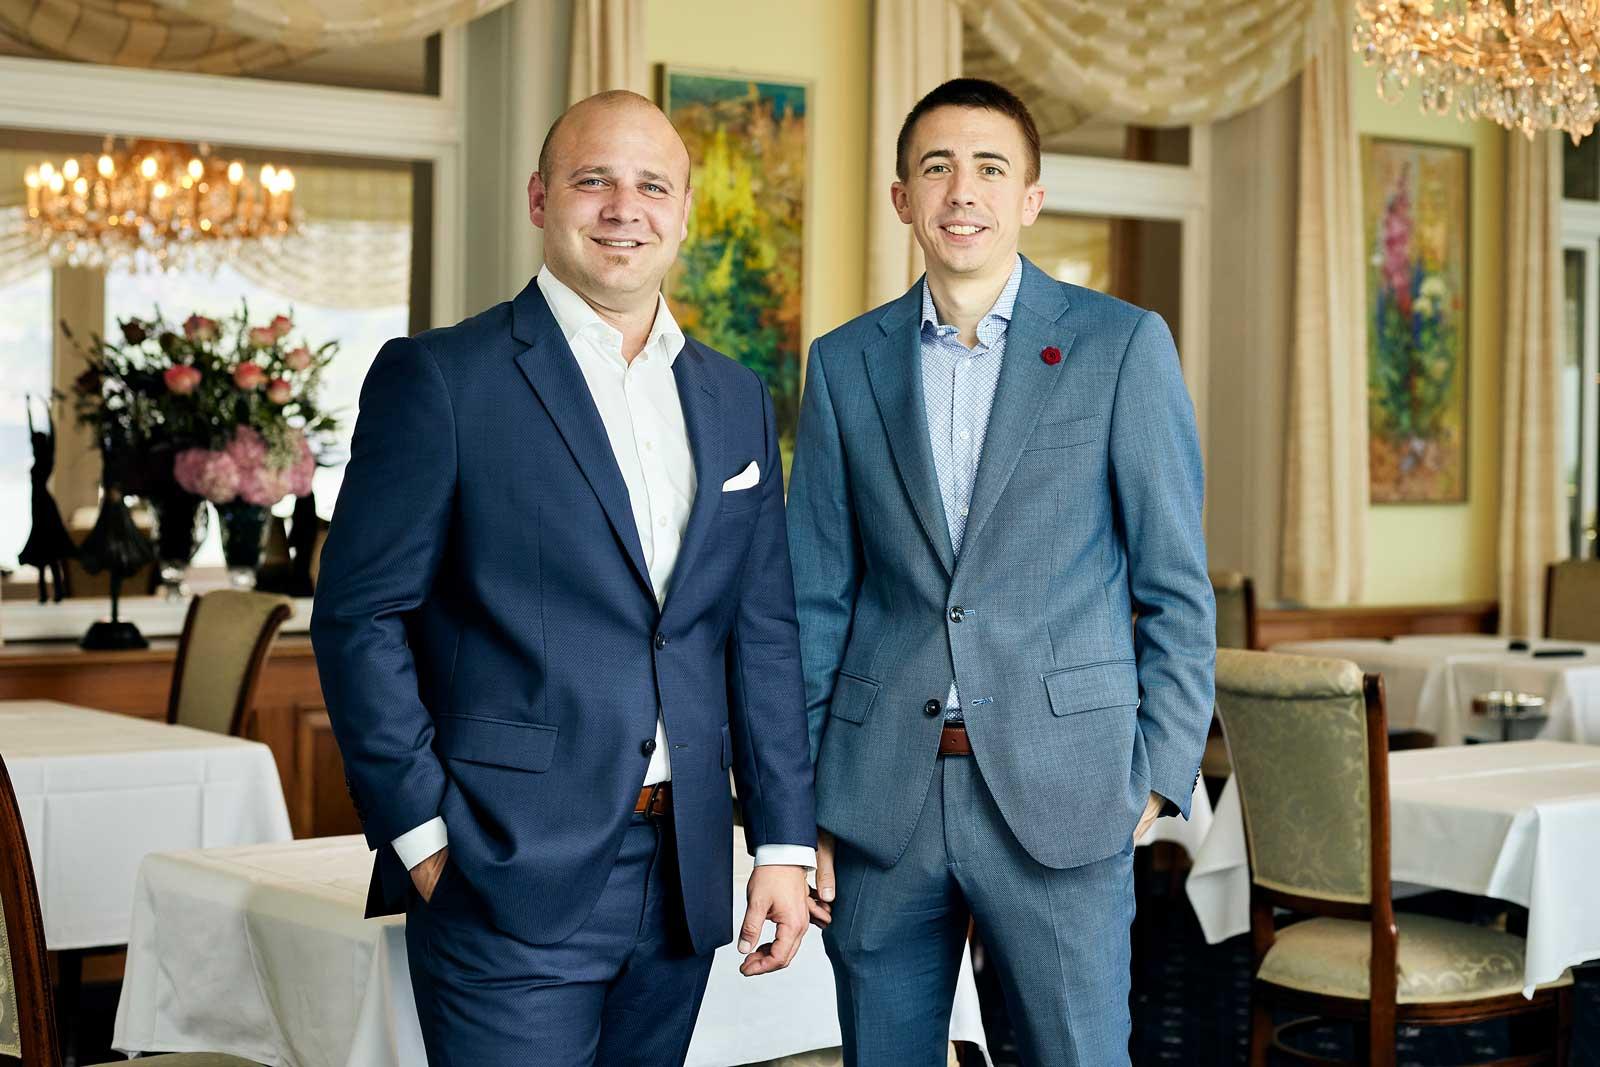 Bruno Affentranger und David Romanato, Hoteldirektoren